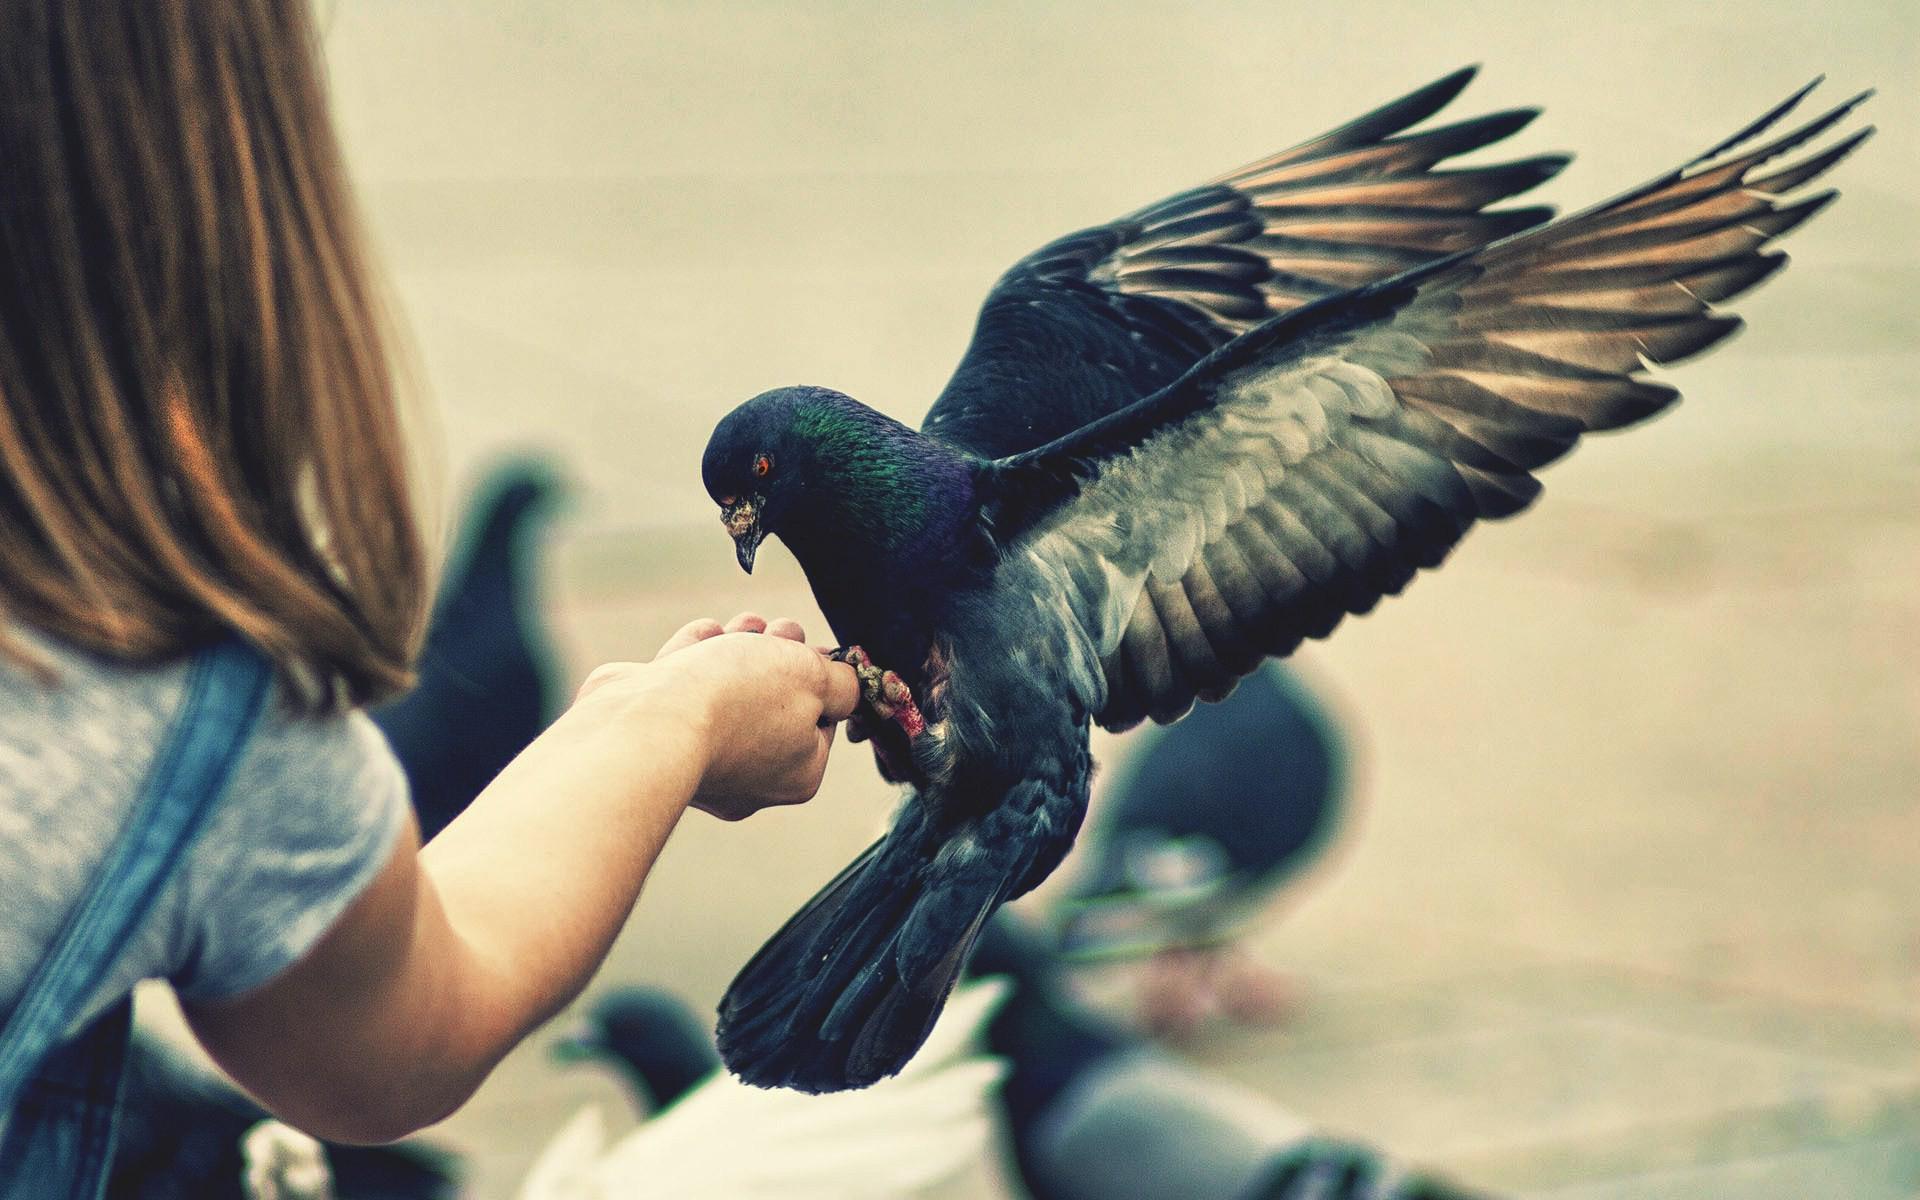 птица красивая в руках фото первом